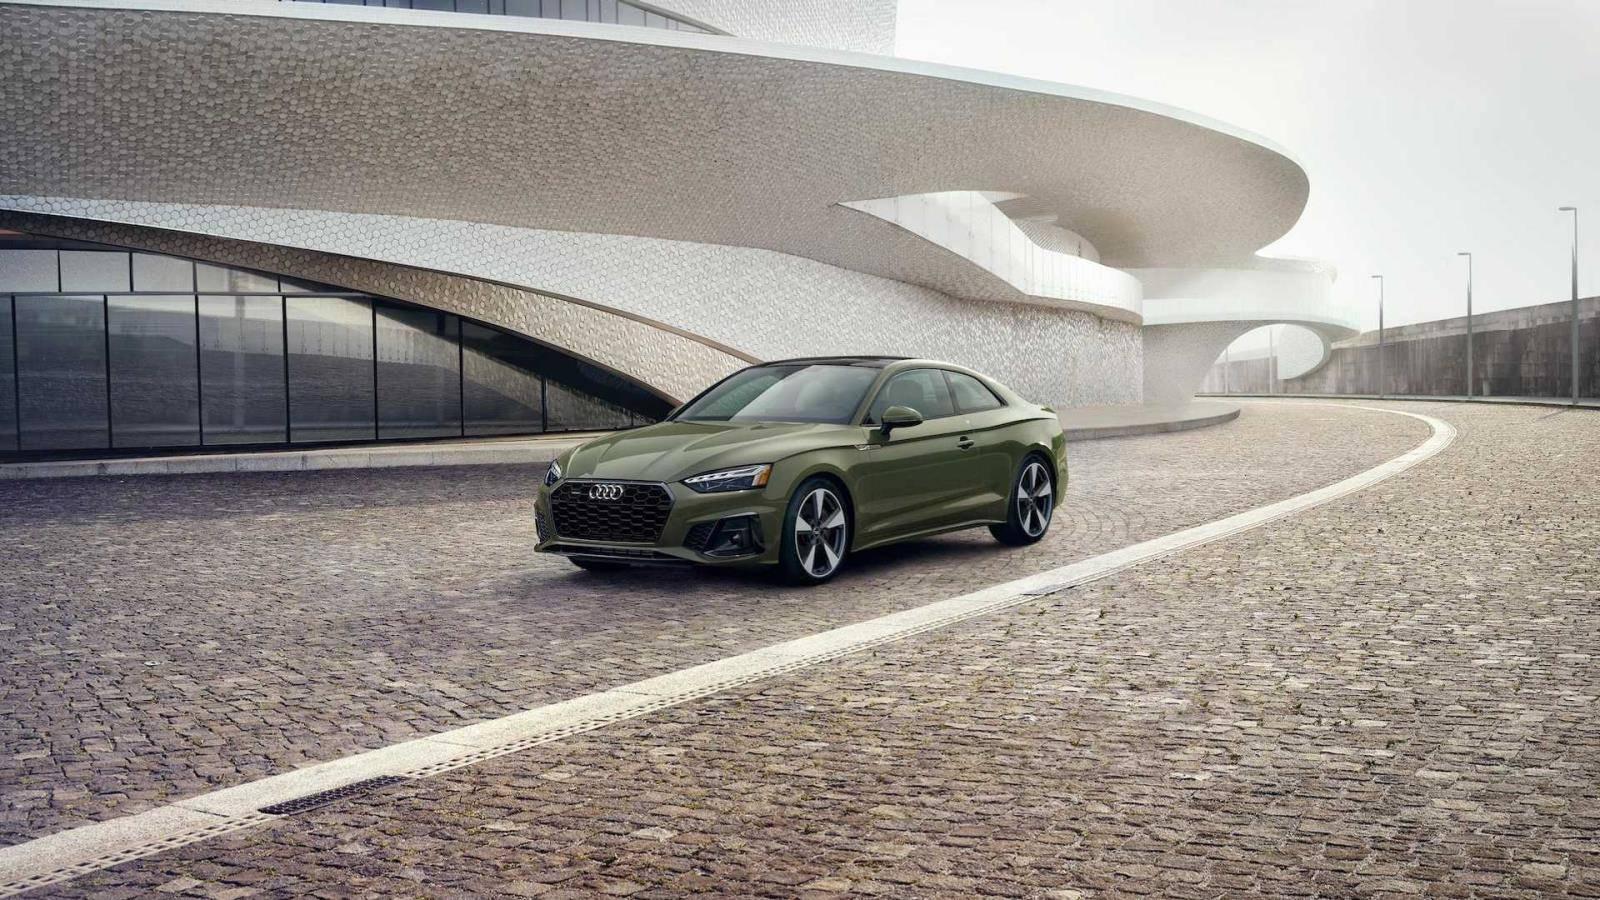 2020款奥迪A5及S5美国市场售价公布,标配quattro四驱